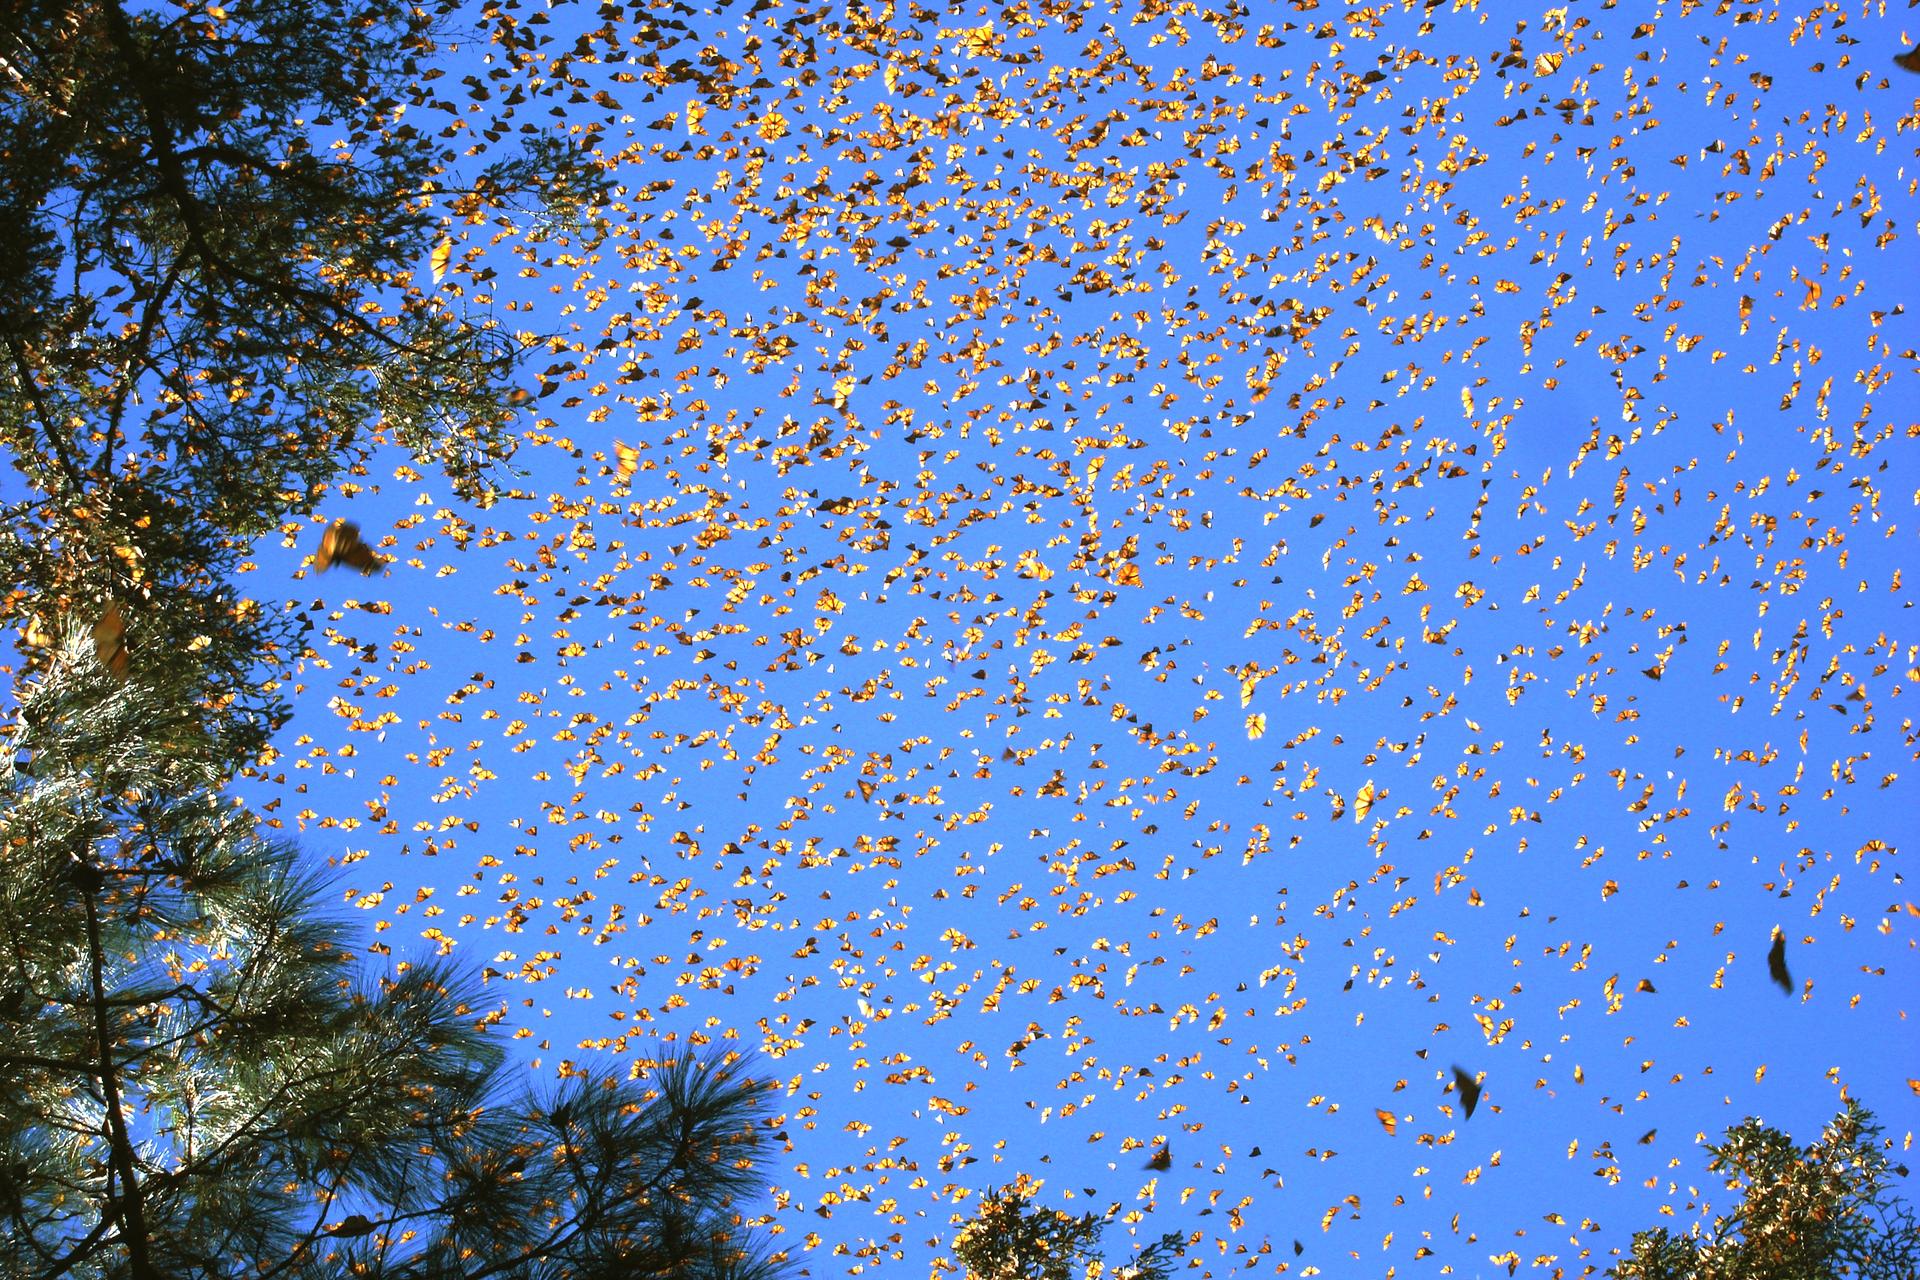 Fotografia przestawia wpowietrzu tysiące kolorowych motyli. Są pomarańczowo – czarne, zbiałymi kropkami. To wędrowne motyle monarchy, lecące corocznie na zimowiska nawet 3000 km. Zboku gałęzie drzew.